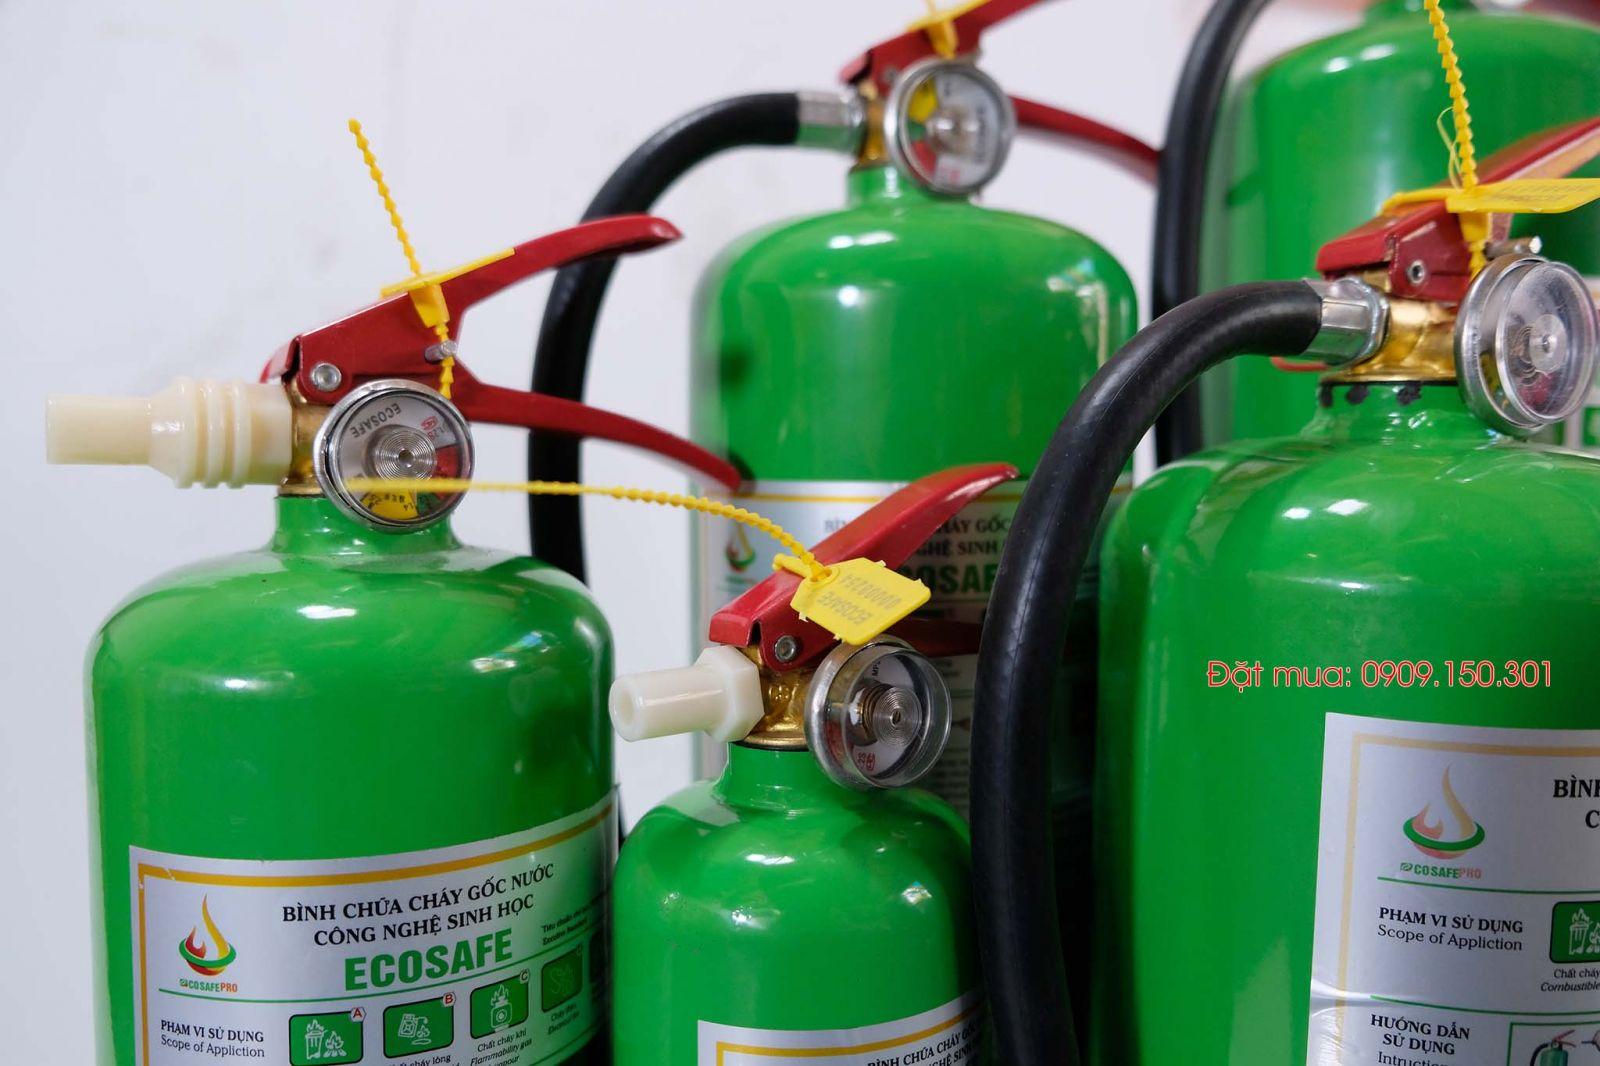 bình chữa cháy gốc nước ecosafe